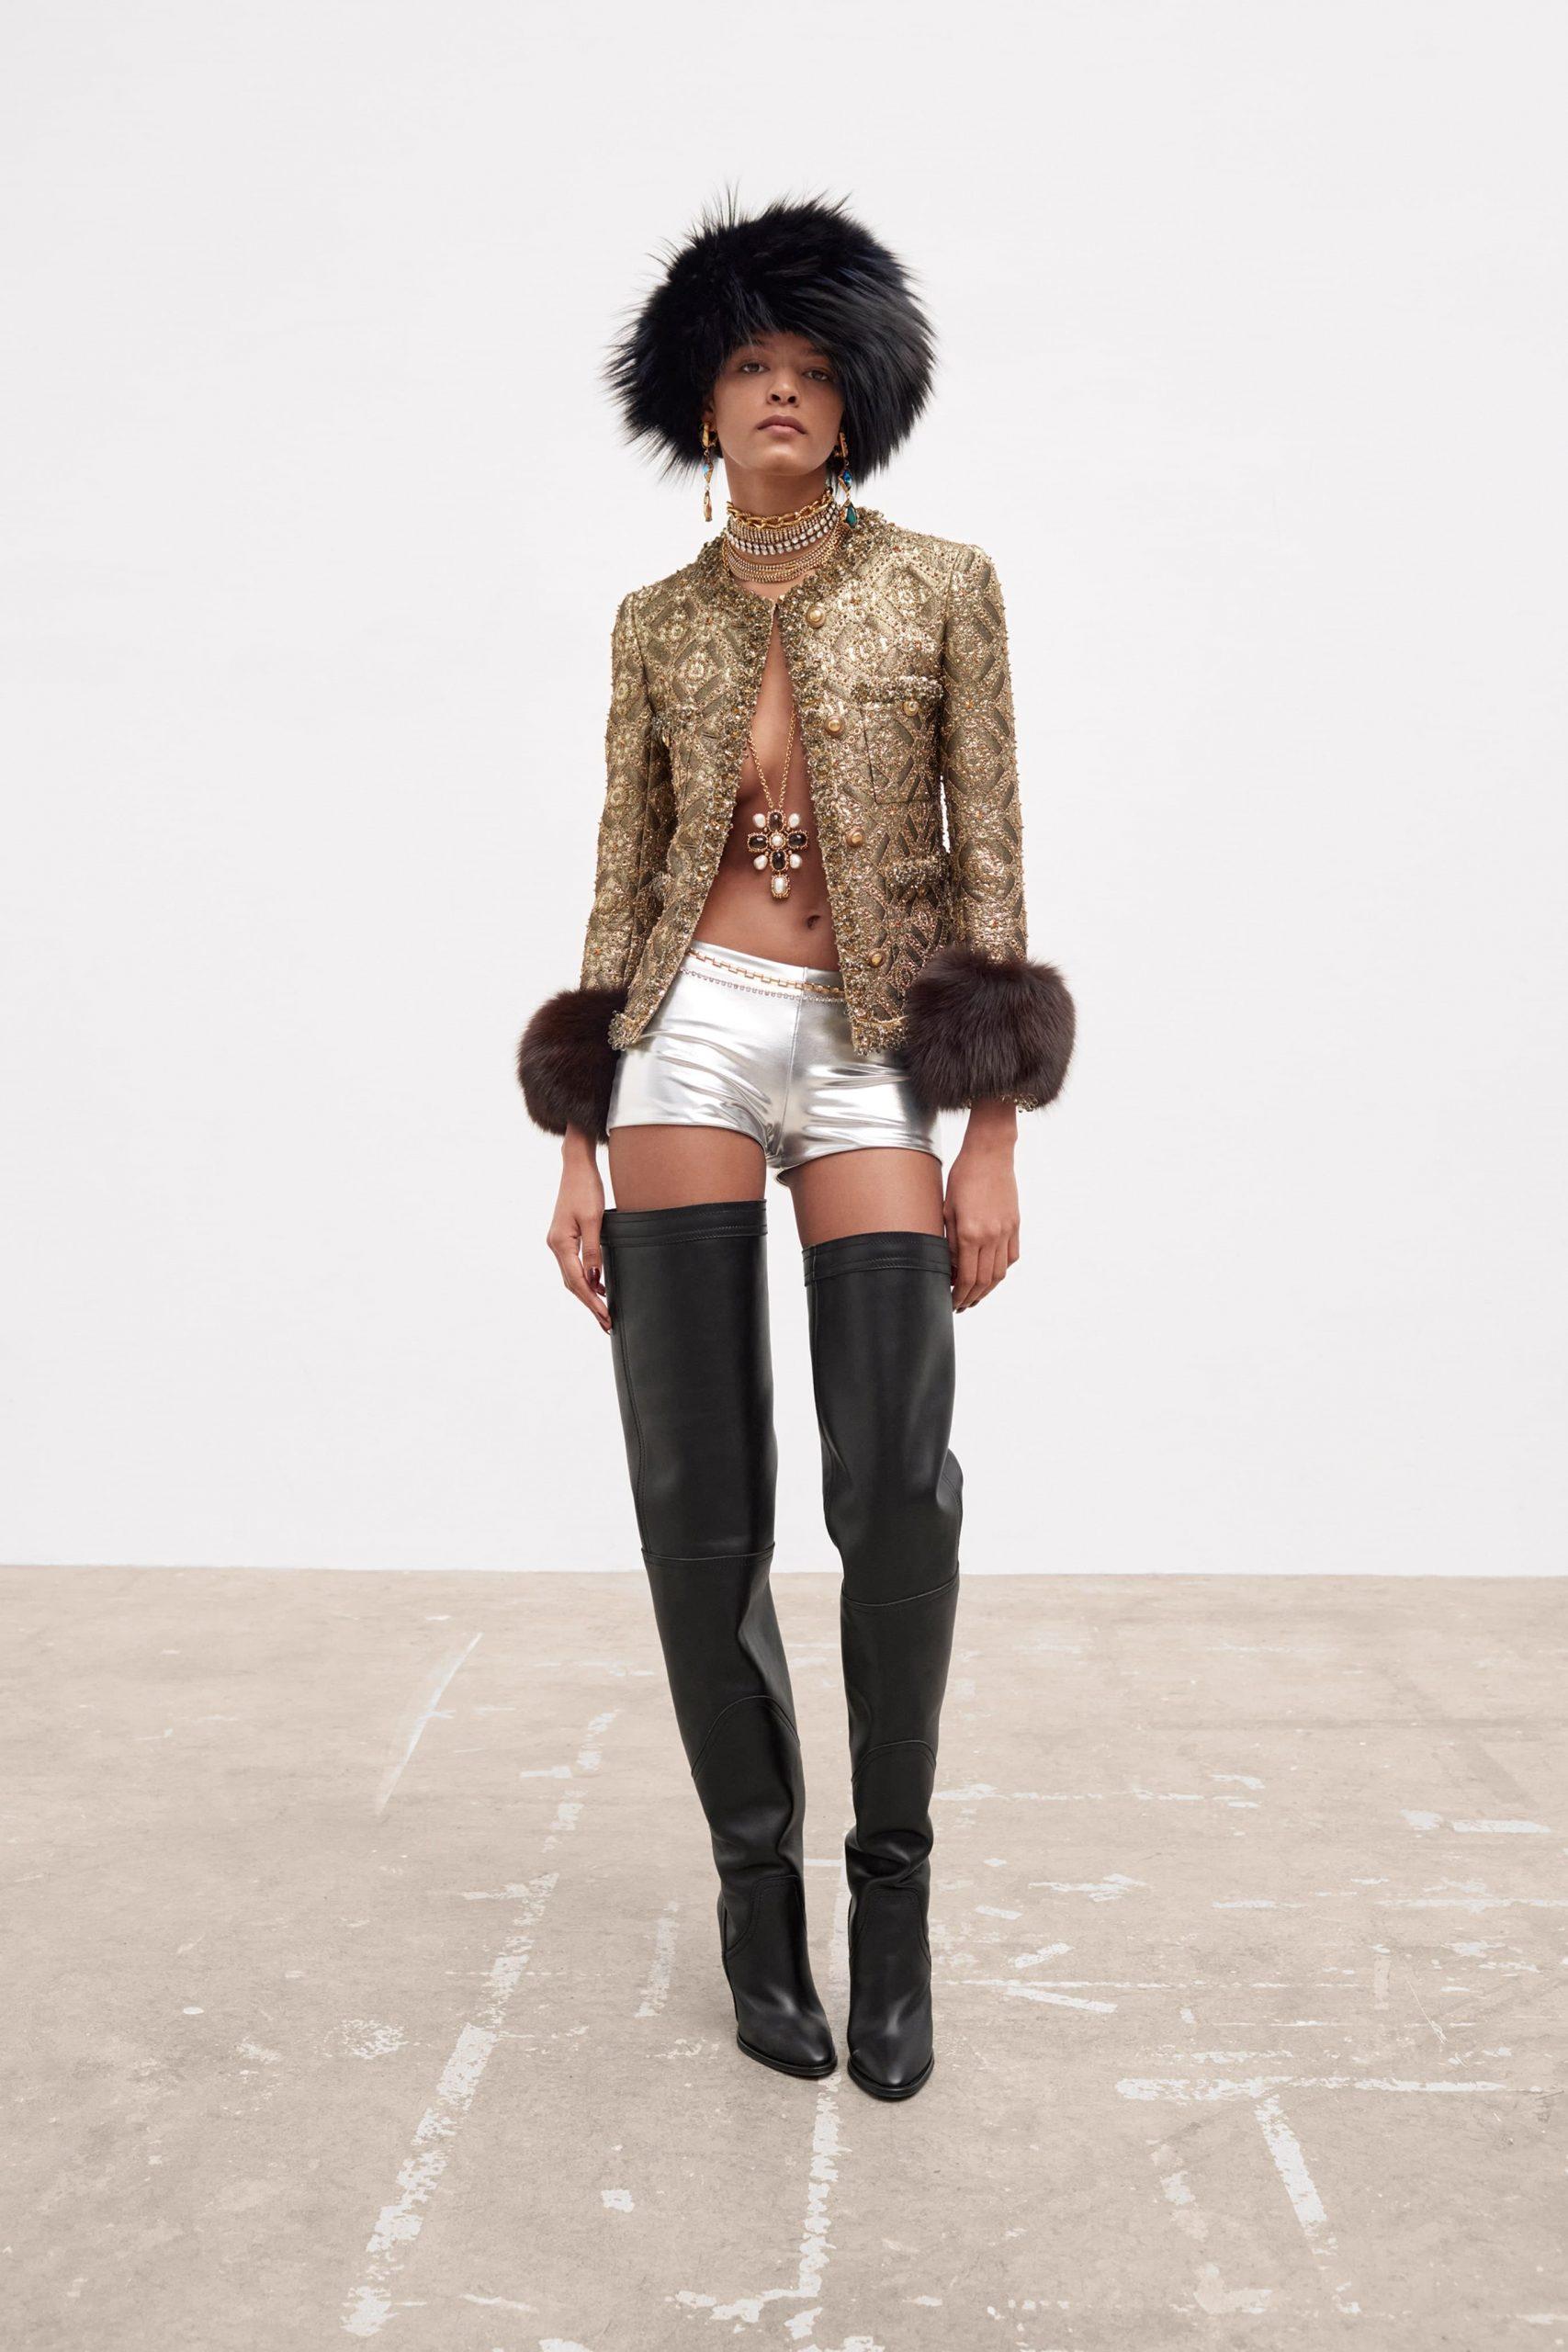 Saint Laurent Fall 2021 Fashion Show Review